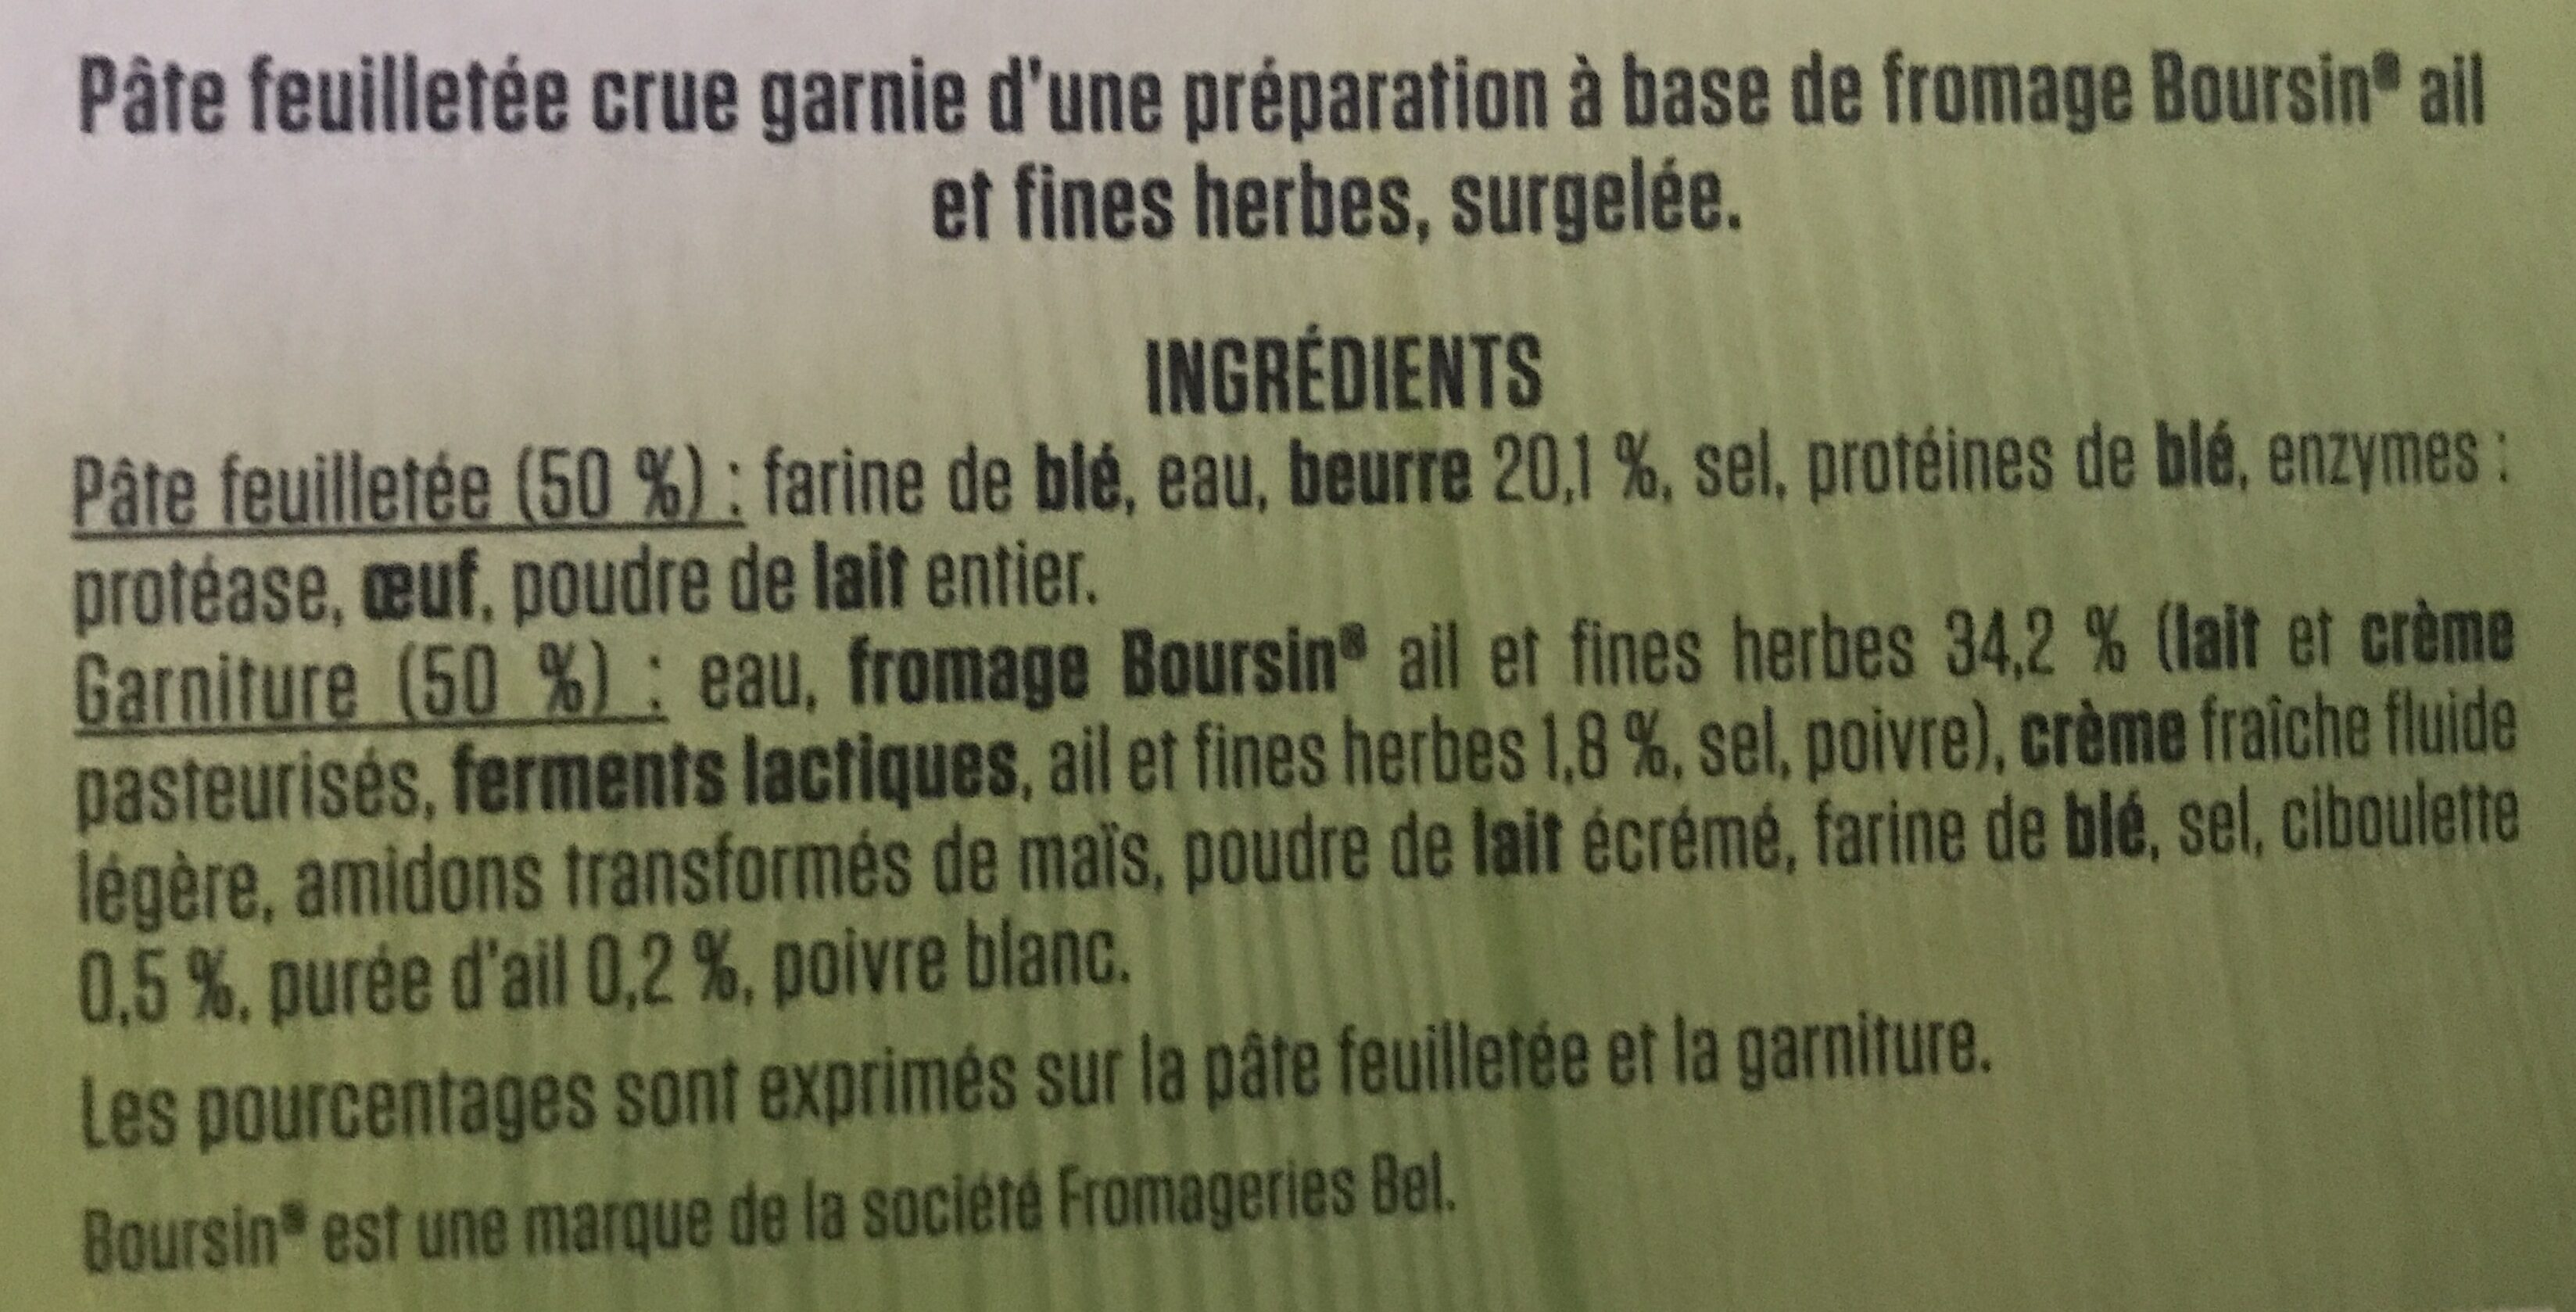 Feuilletés au Fromage Boursin - Ingrédients